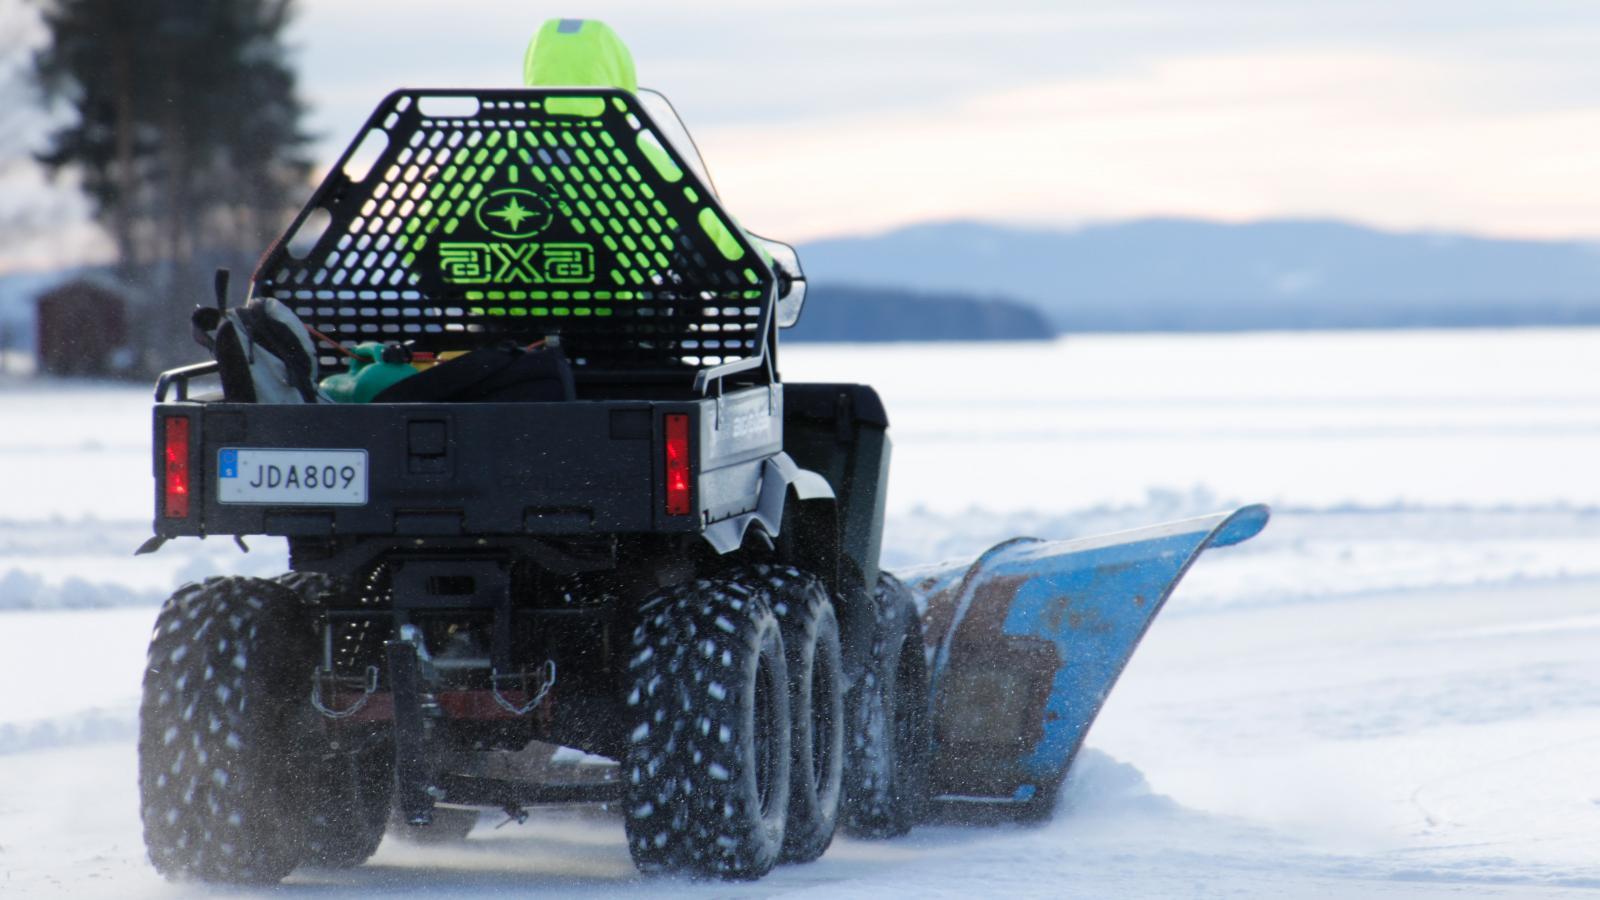 Ideella krafter som håller skridskobanorna öppna från snö.